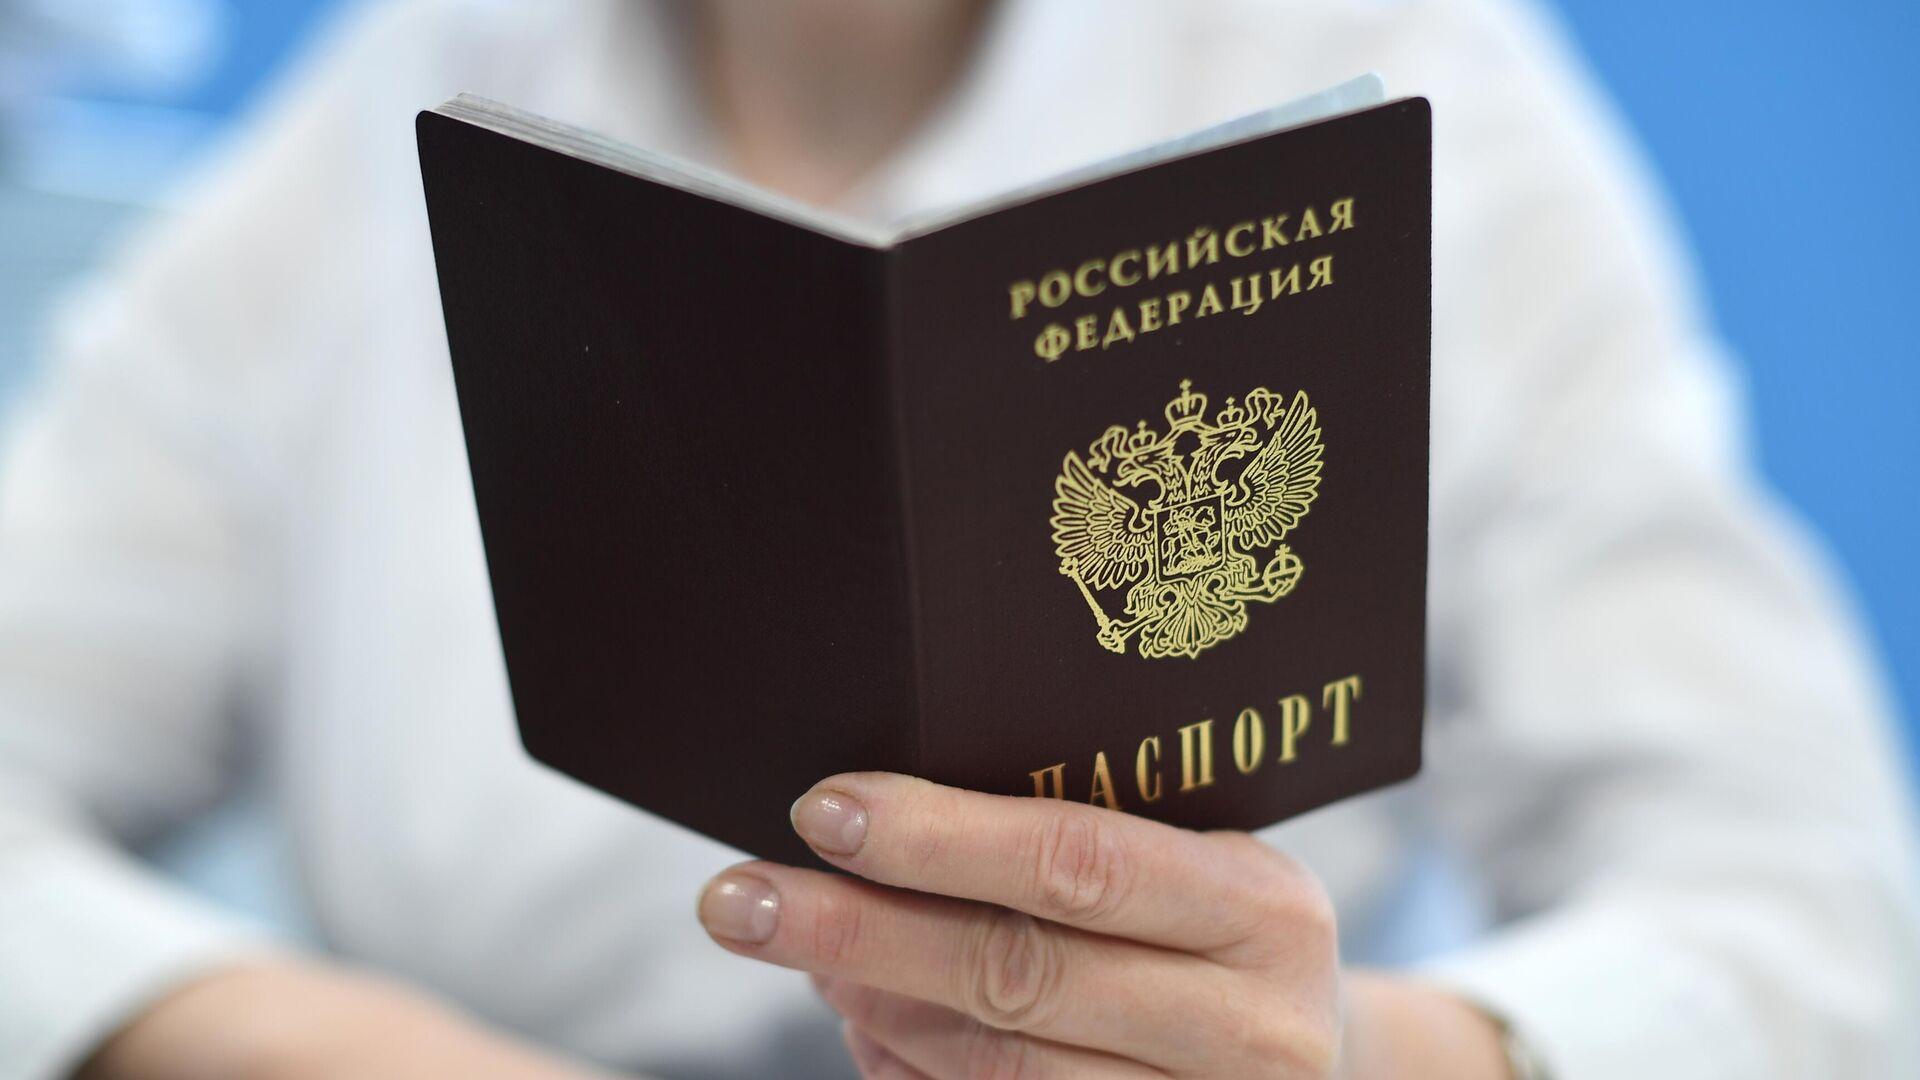 Паспорт Российской Федерации - РИА Новости, 1920, 25.07.2021